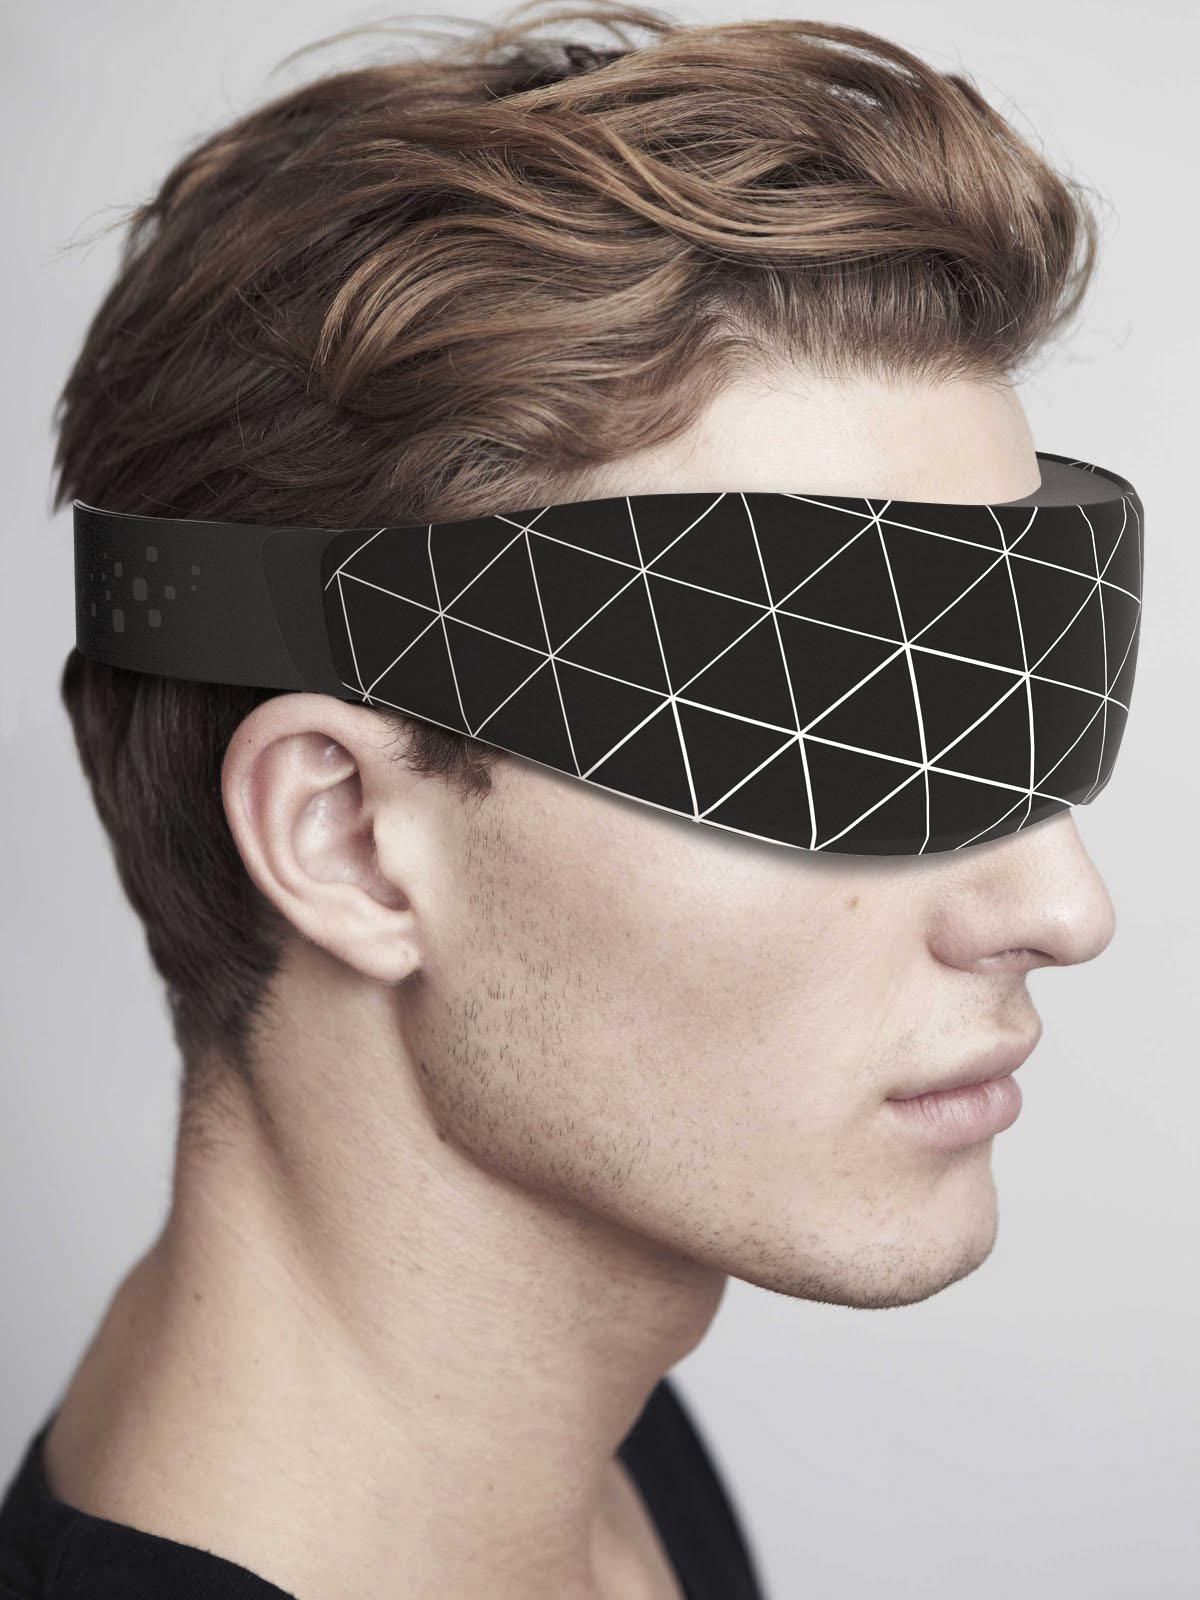 wizualizacja na głowie 01